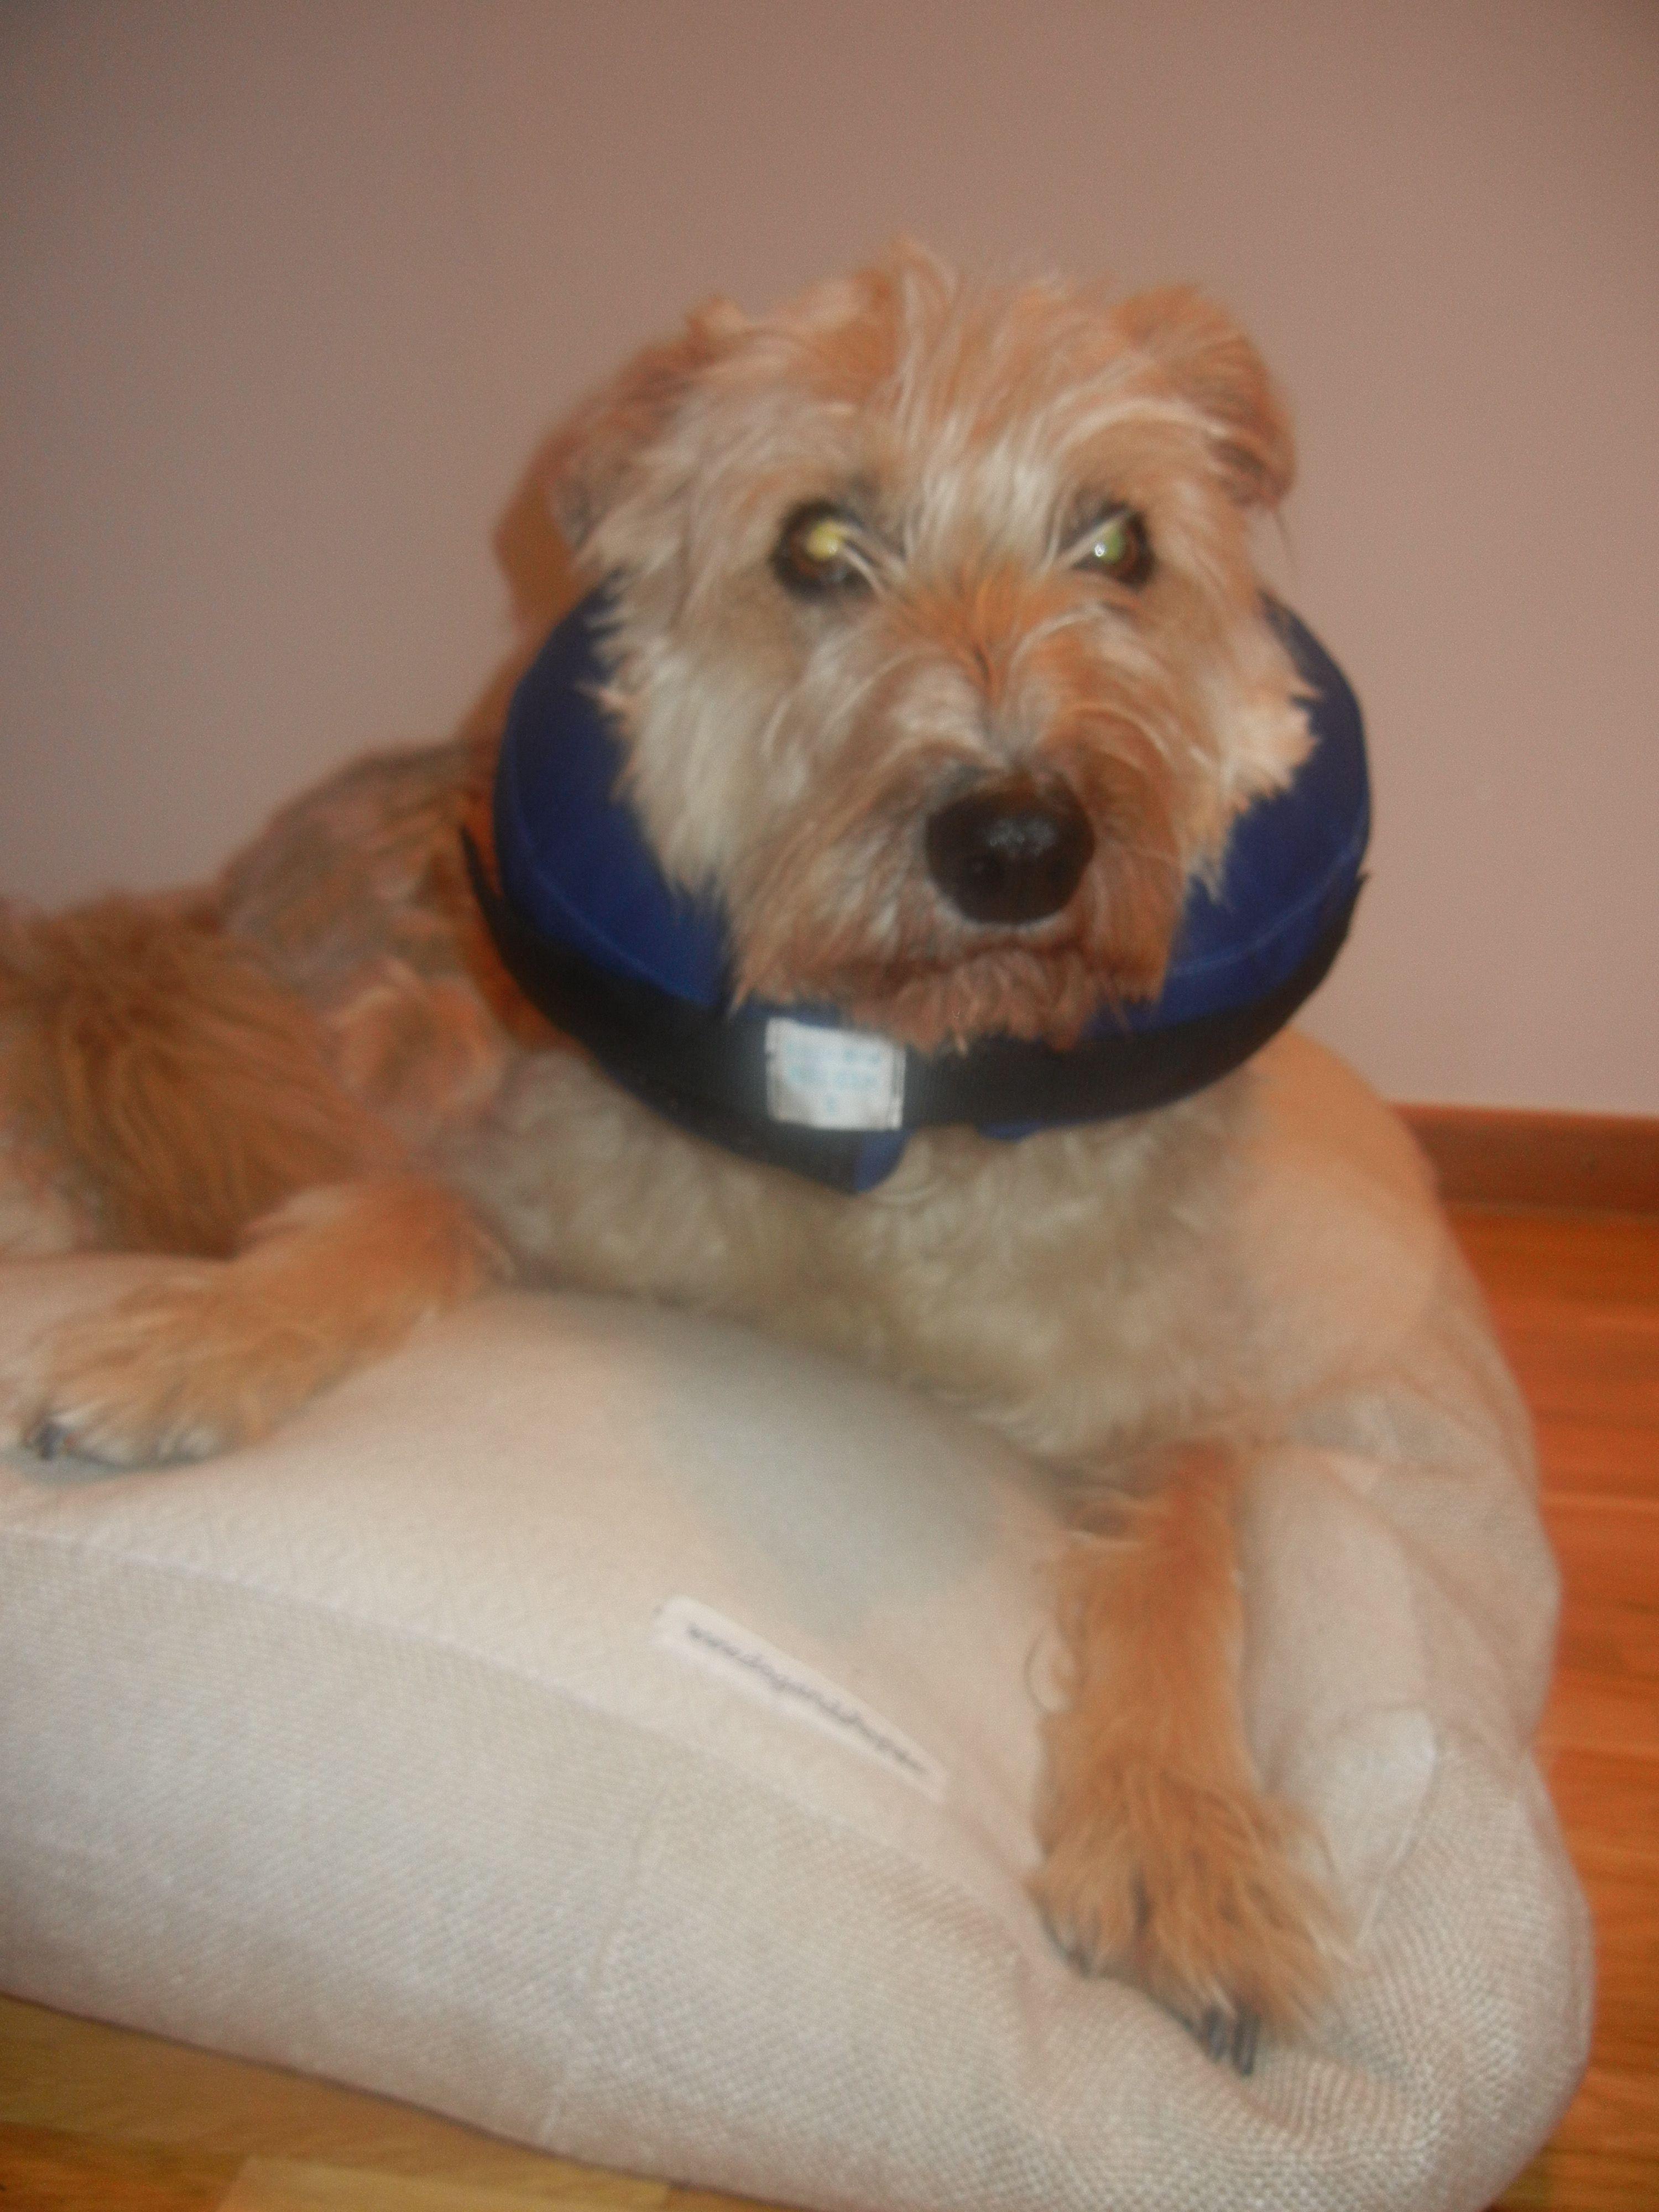 Der Aufblasbarer Halskragen Fur Hunde Ist Ideal Nach Operationen Oder Bei Hauterkrankungen Die Halskrause Fur Hunde Verhi Hunde Hund Und Katze Hund Zubehor